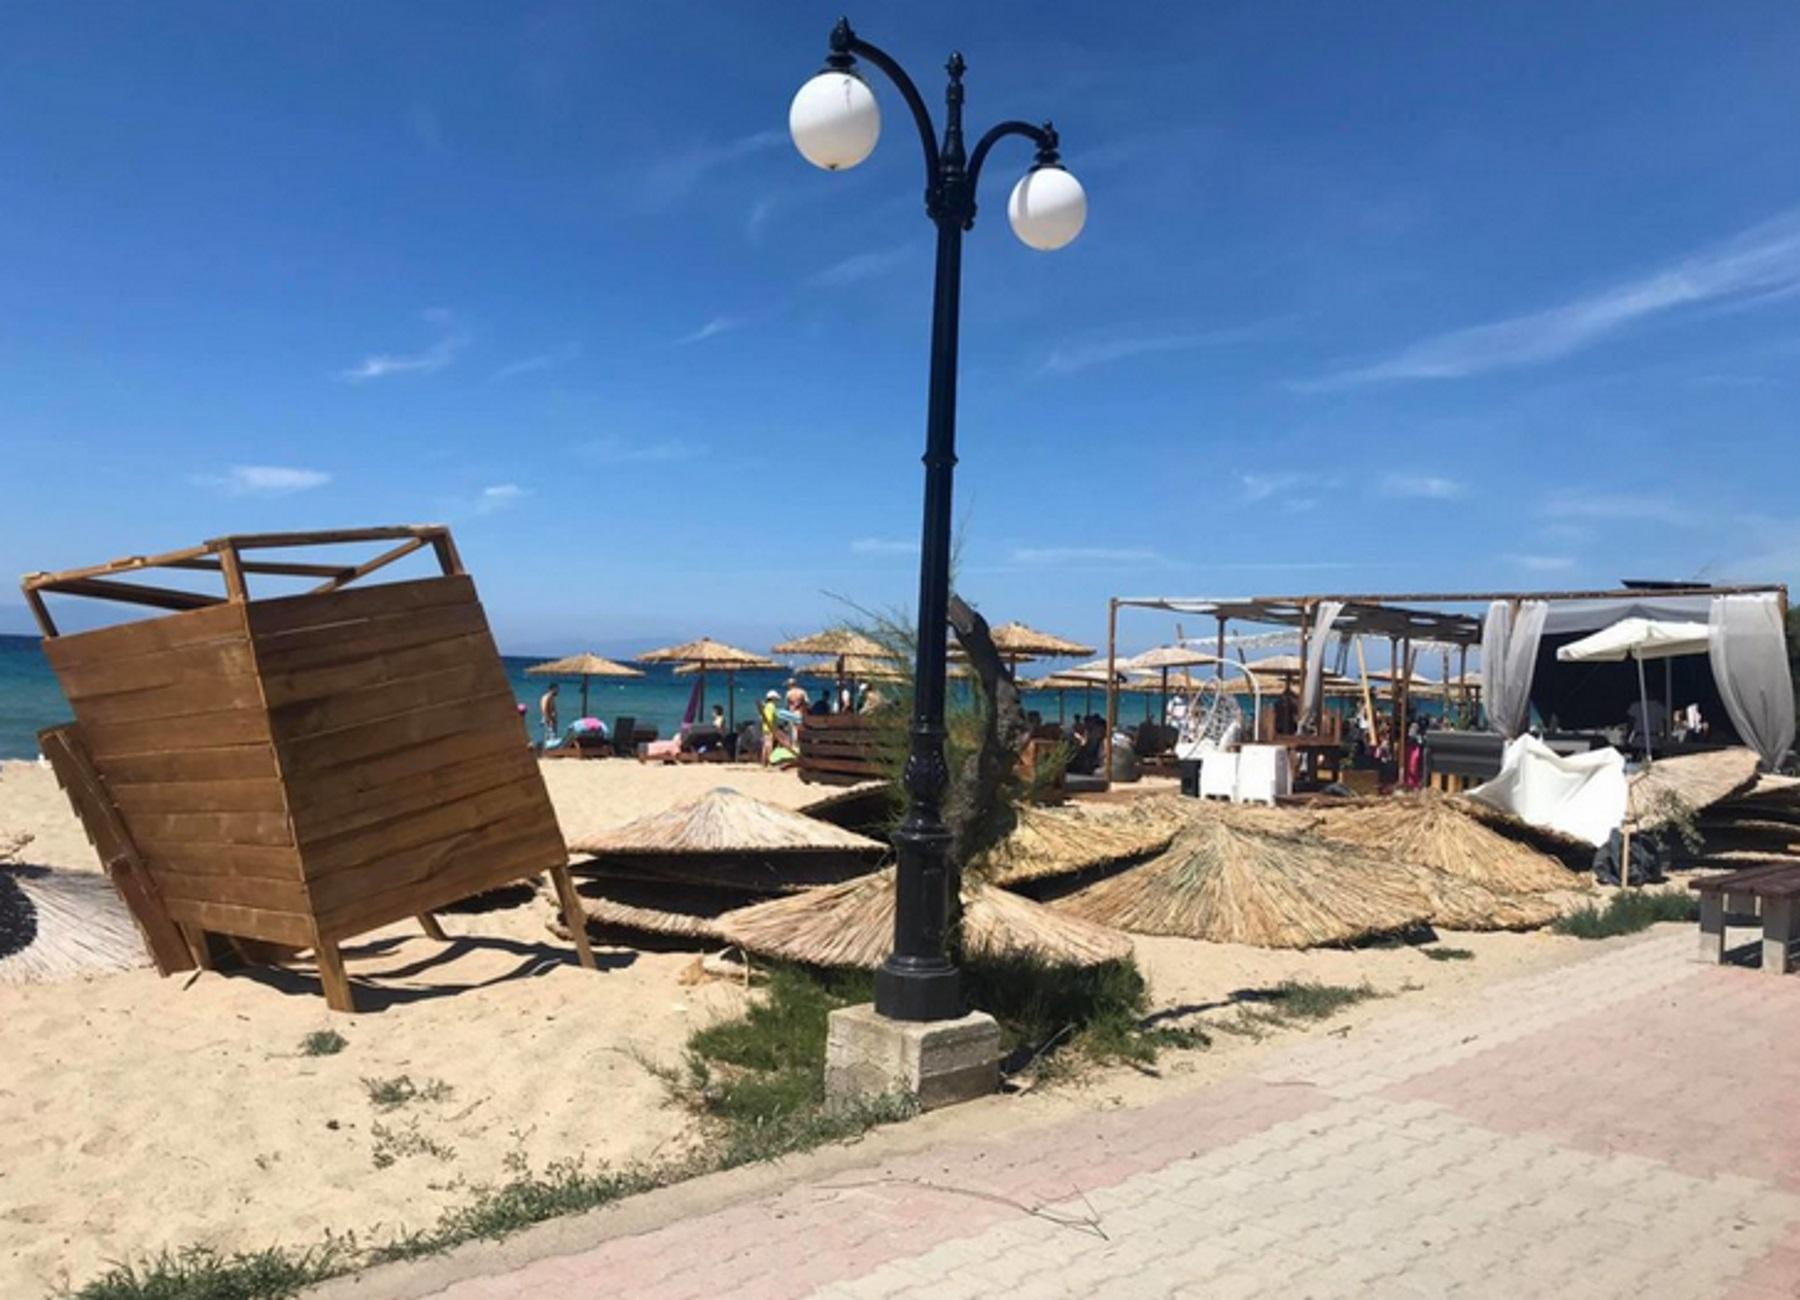 Χαλκιδική: Μίνι ανεμοστρόβιλος χτύπησε παραλία στα Μουδανιά και άφησε πίσω αυτές τις εικόνες